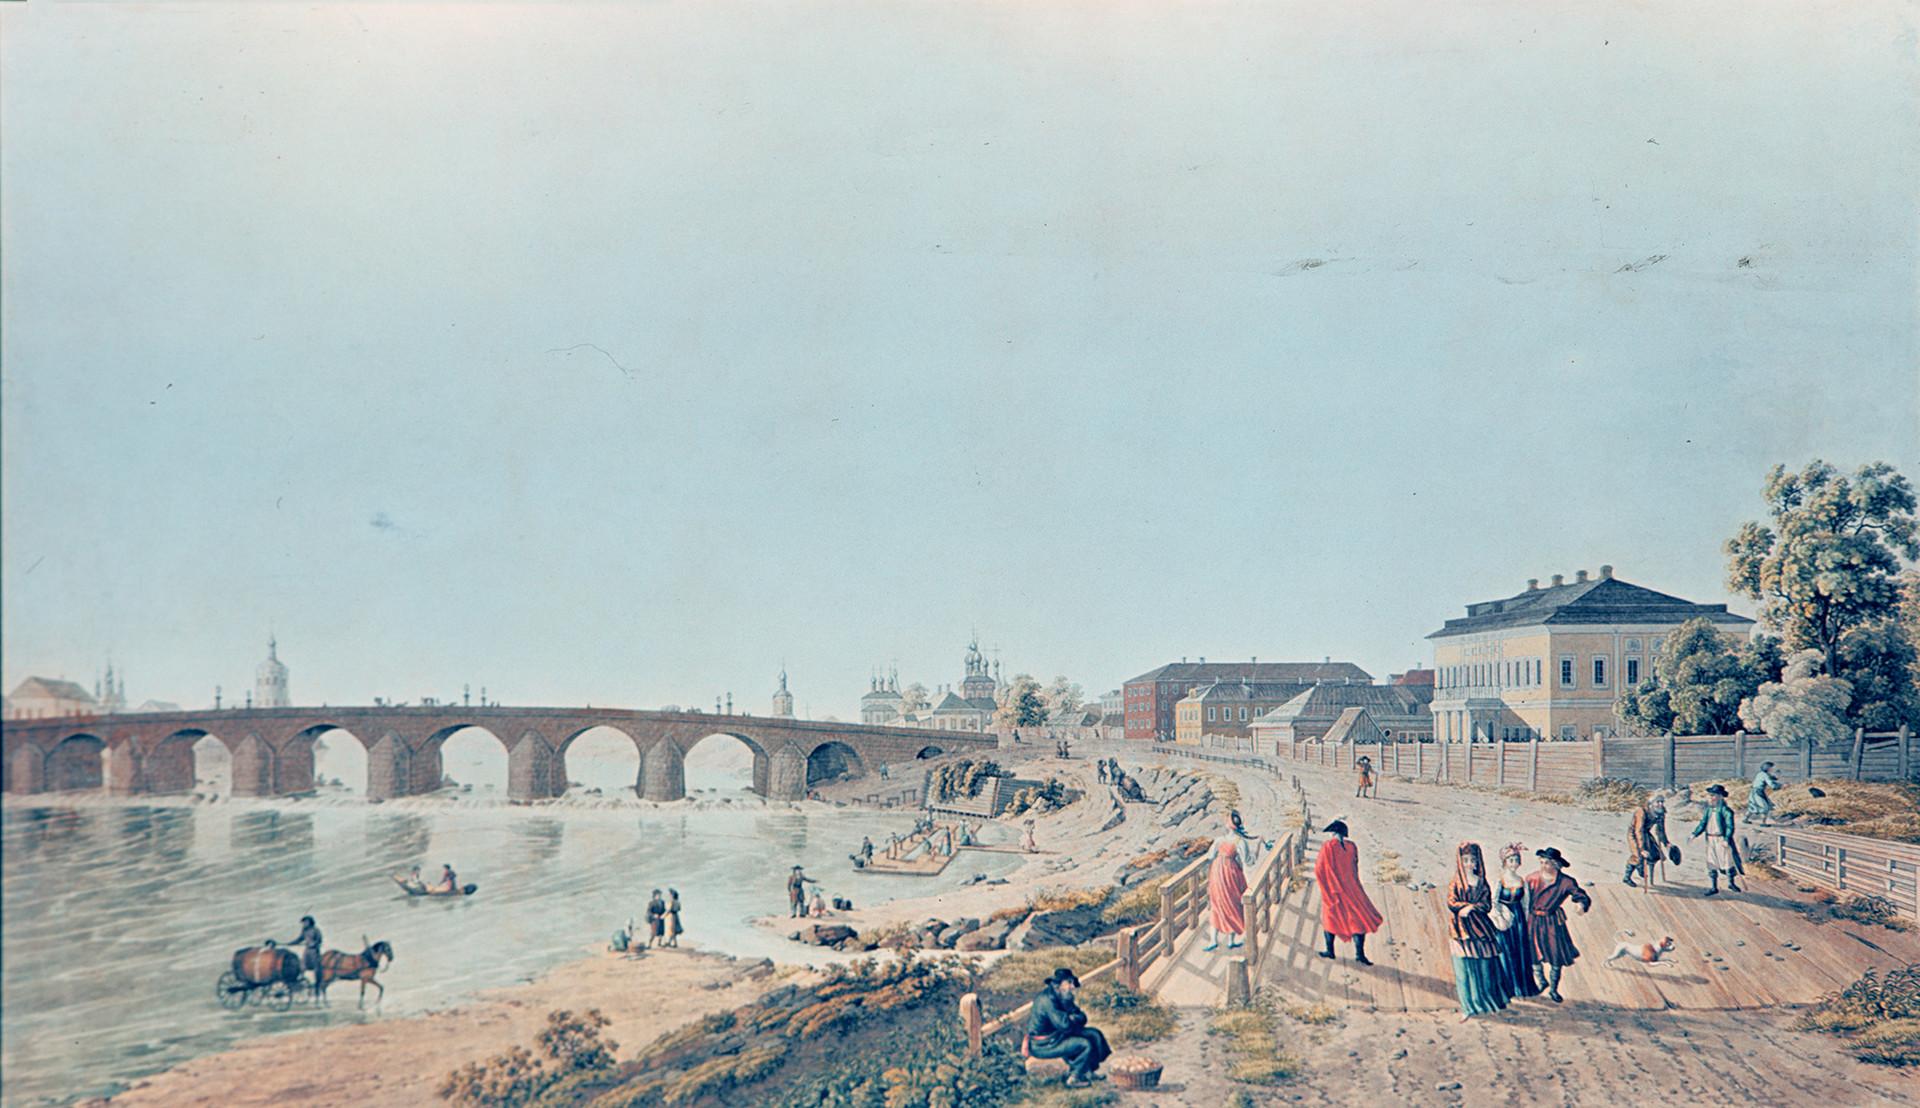 「モスクワの石橋とその周辺。木造の歩道橋とナウゴリナヤ塔から見た景色。デラバルトの1796年の絵をもとにG.ロリーによって作られた銅版画。